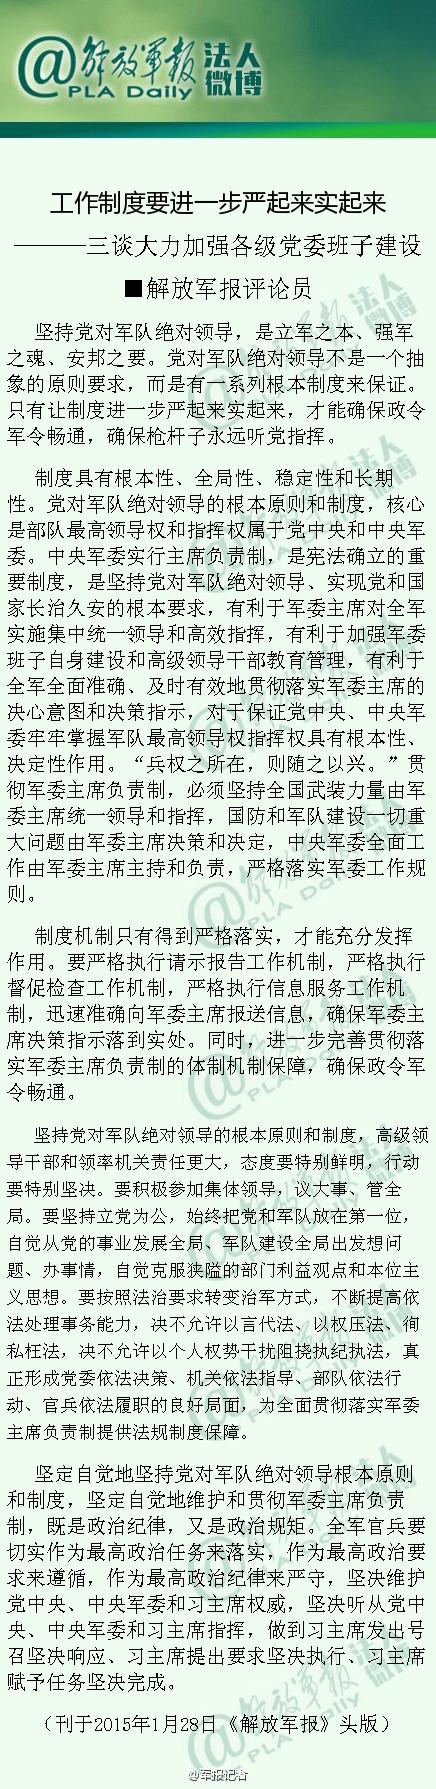 军报头版刊文强调:贯彻军委主席负责制